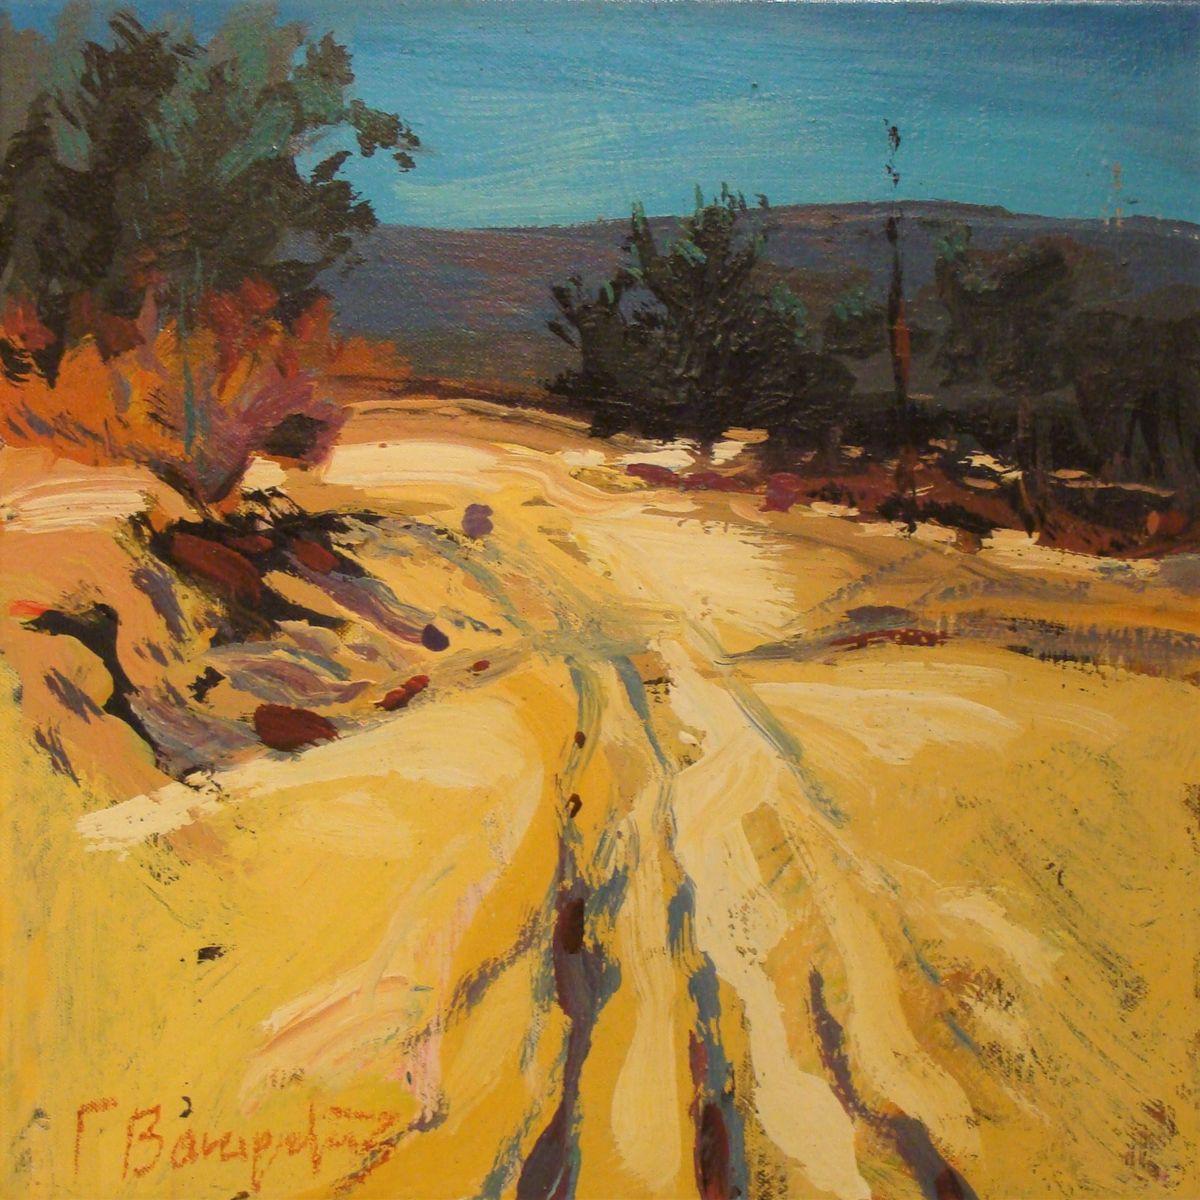 Γιάννης Βακιρτζής 30×30 Λάδι σε καμβά Yiannis Vakirtzis 30×30 Oils on canvas.jpg